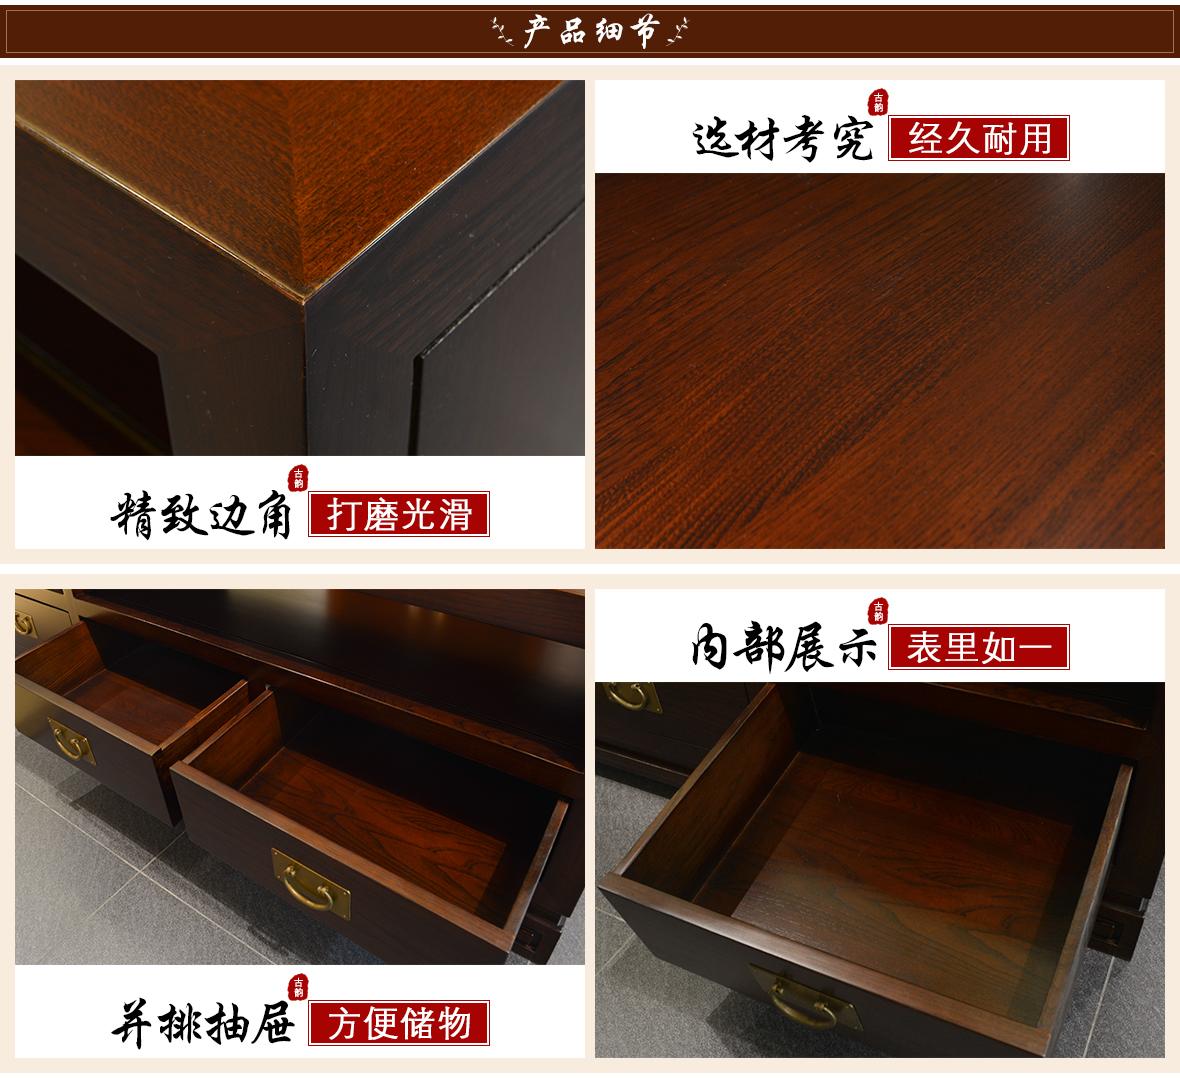 祥华坊家具 XJD-DG00413型号纯榆木回纹足四屉电视柜 中式古典风格 细节